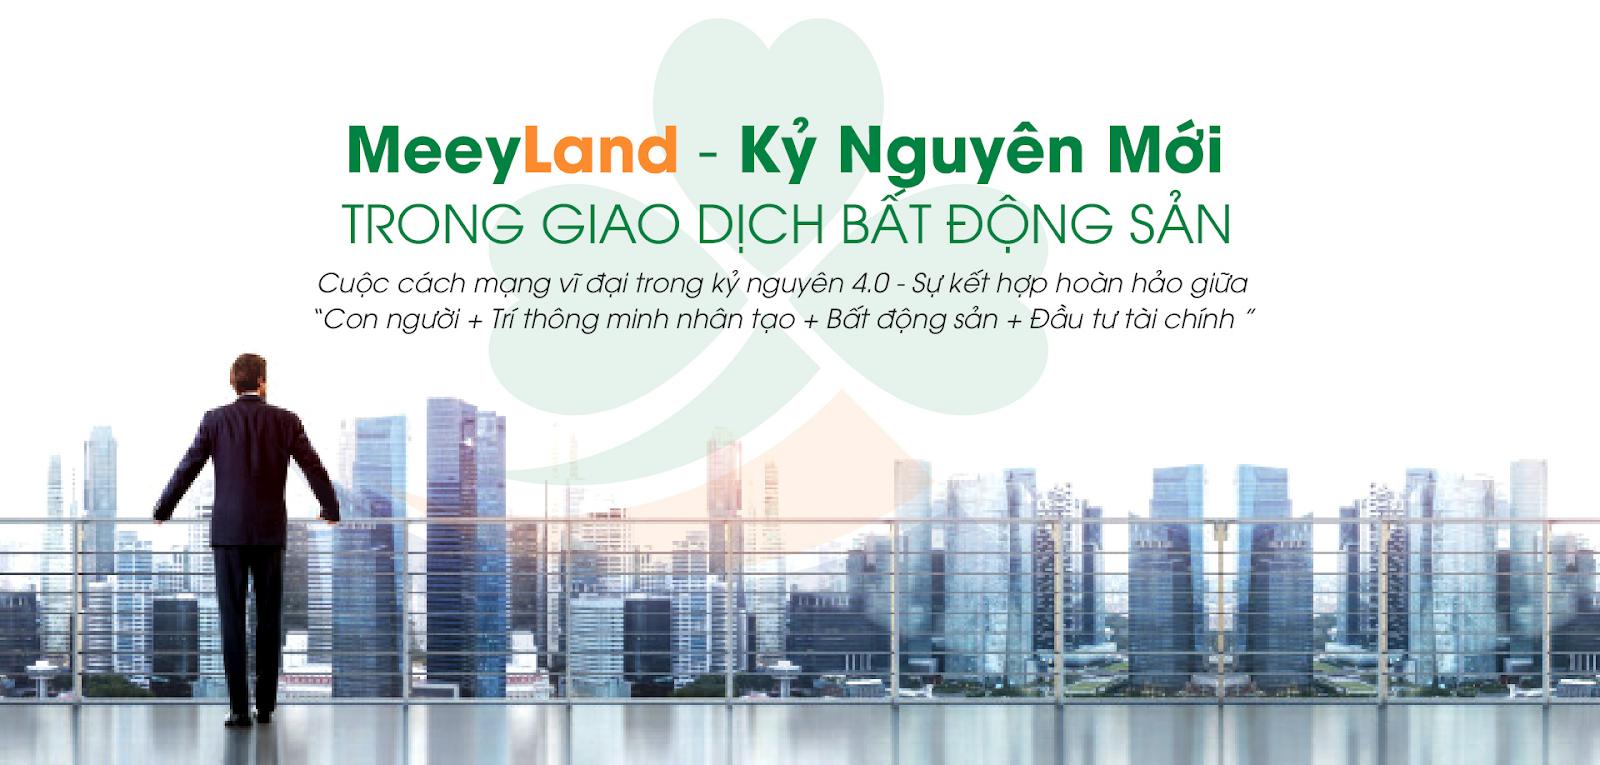 Trung tâm thương mại dịch vụ An Đông – Nơi đầu tư sinh lời hấp dẫn